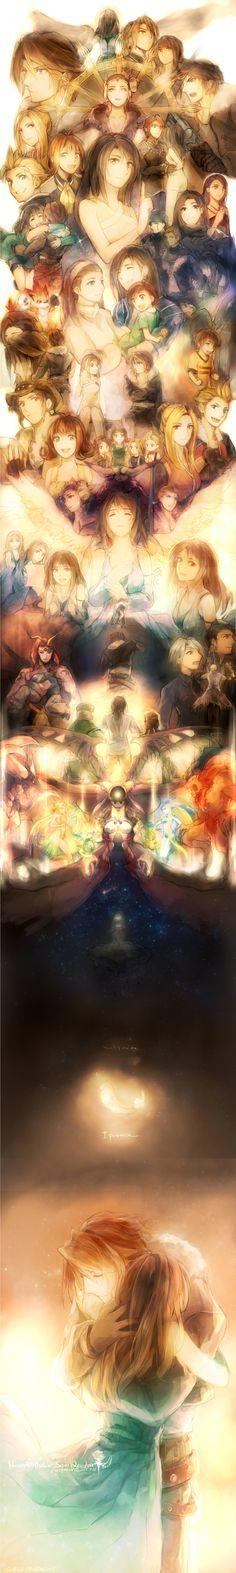 Final Fantasy VIII - vei, num sei quem fez, mas vi o jogo todinho! Xonei! (T_T)